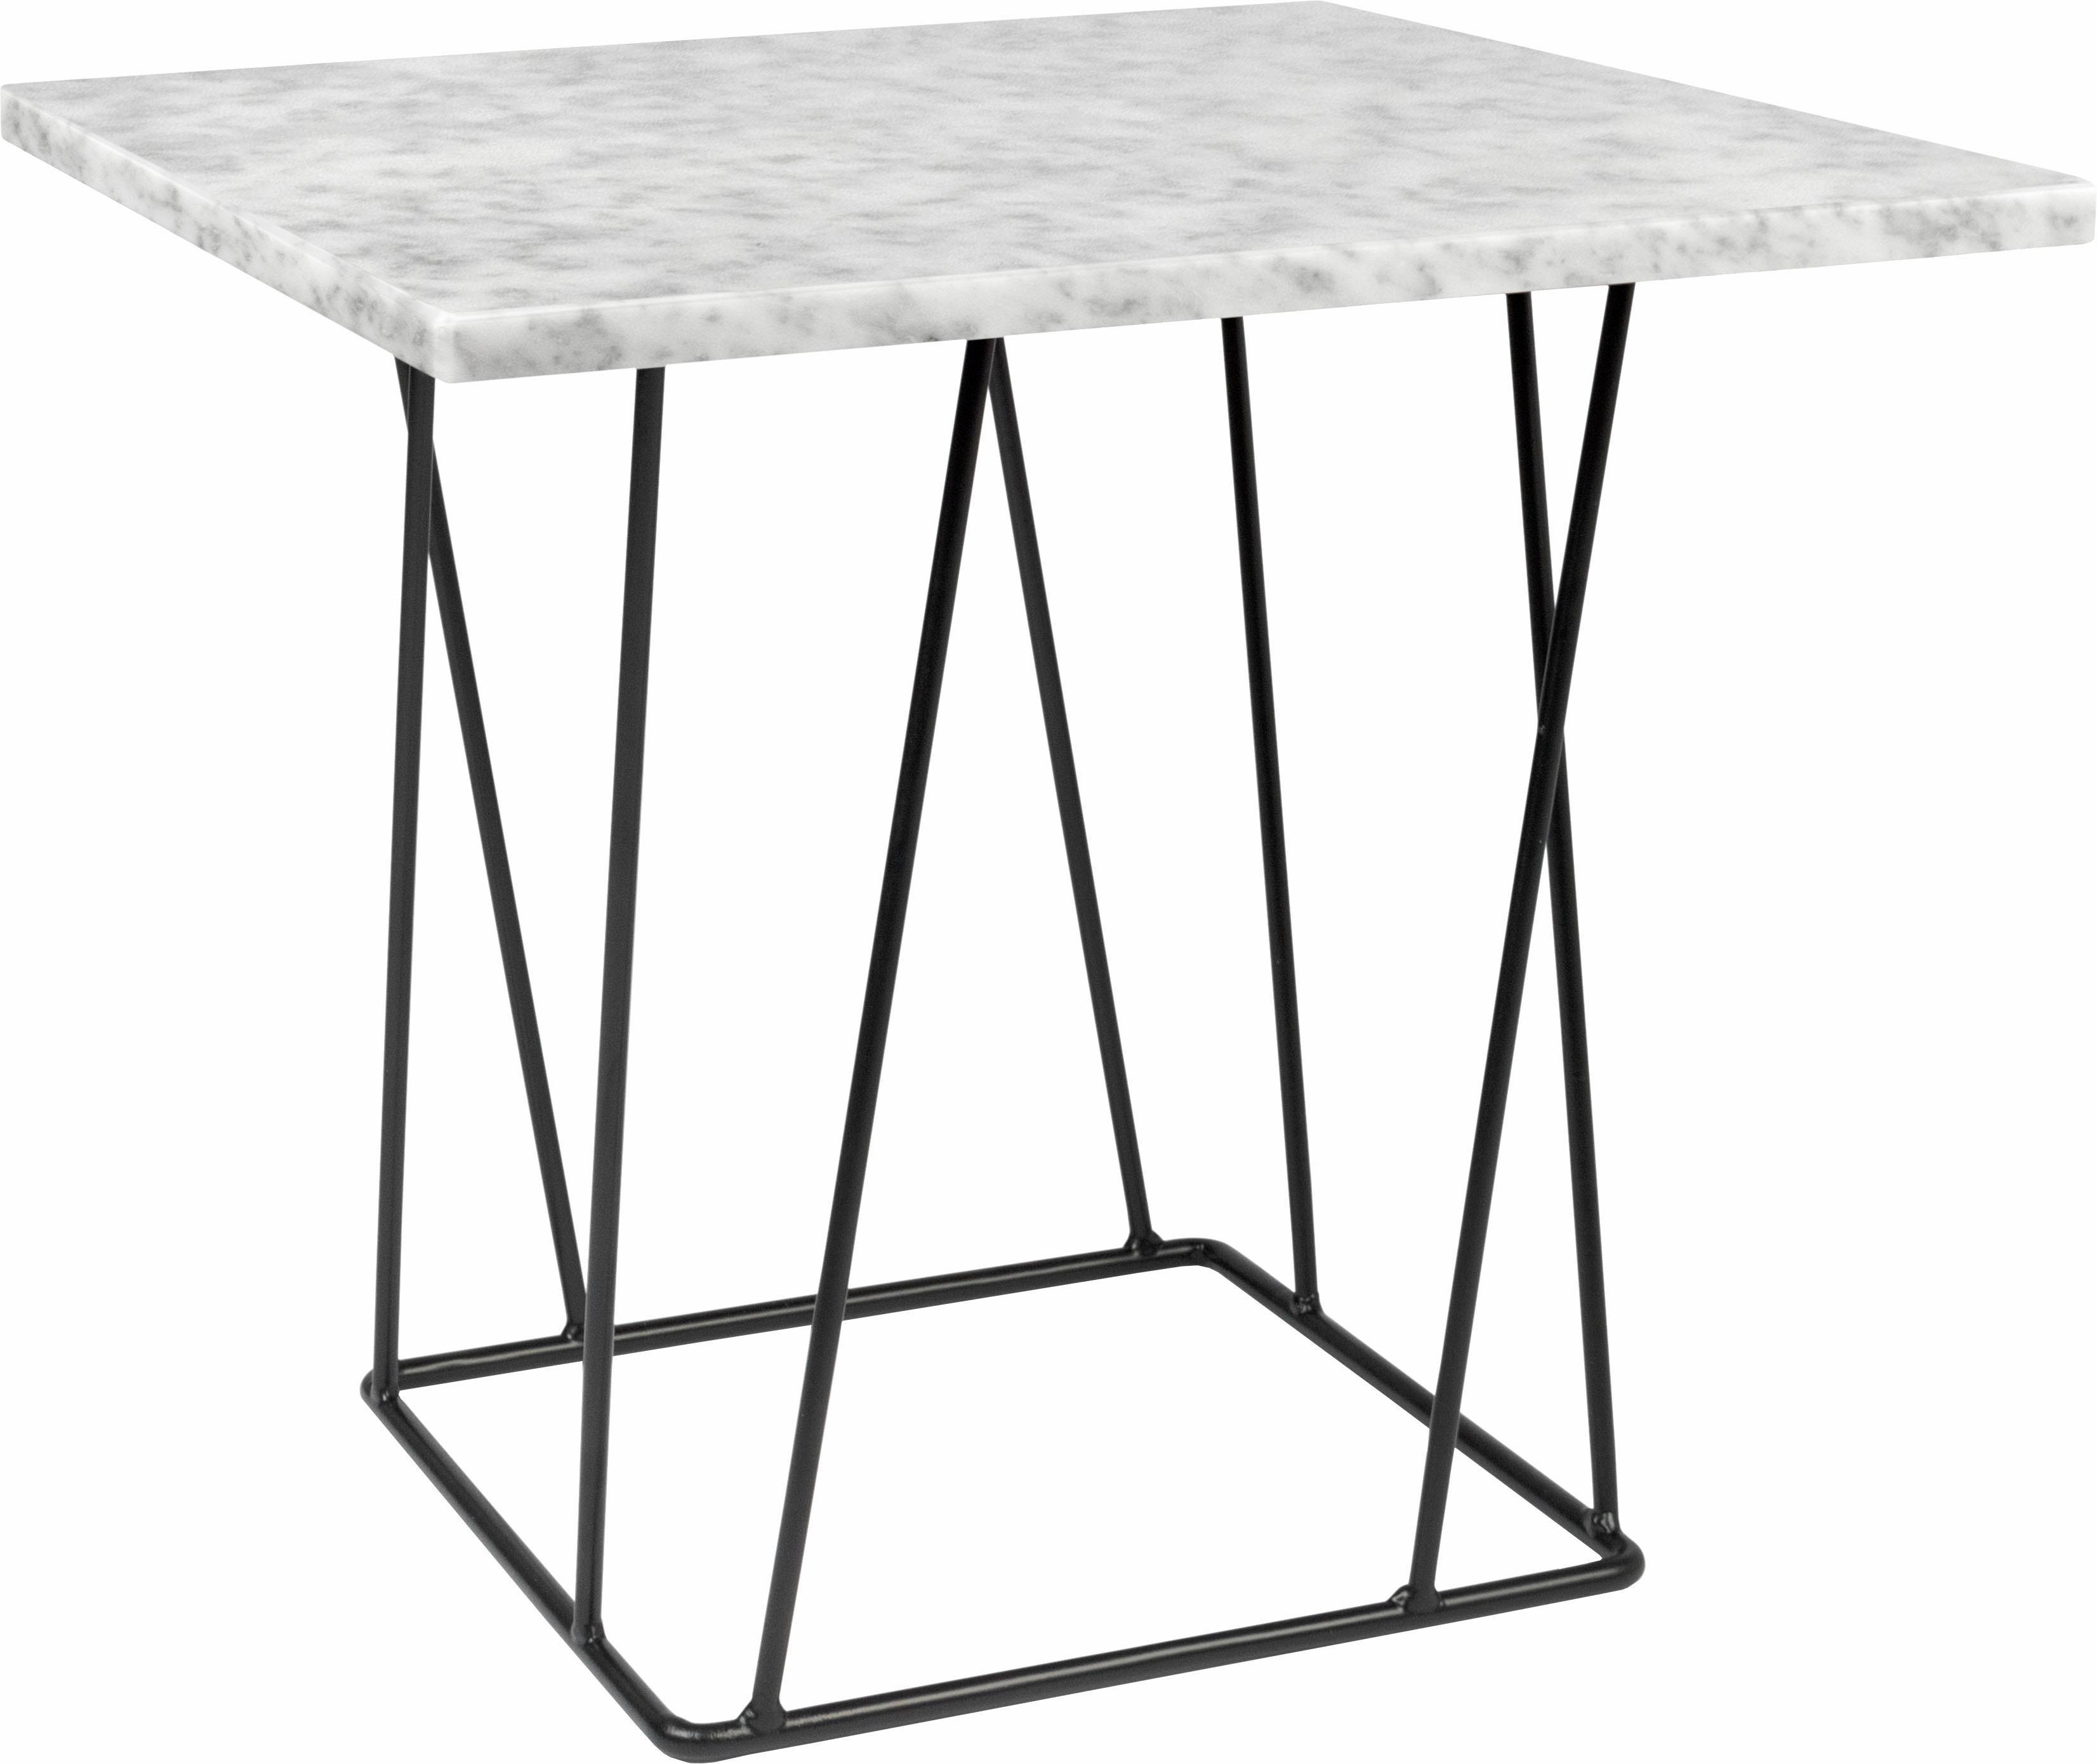 marmor-weiss-metall Beistelltische online kaufen | Möbel ...